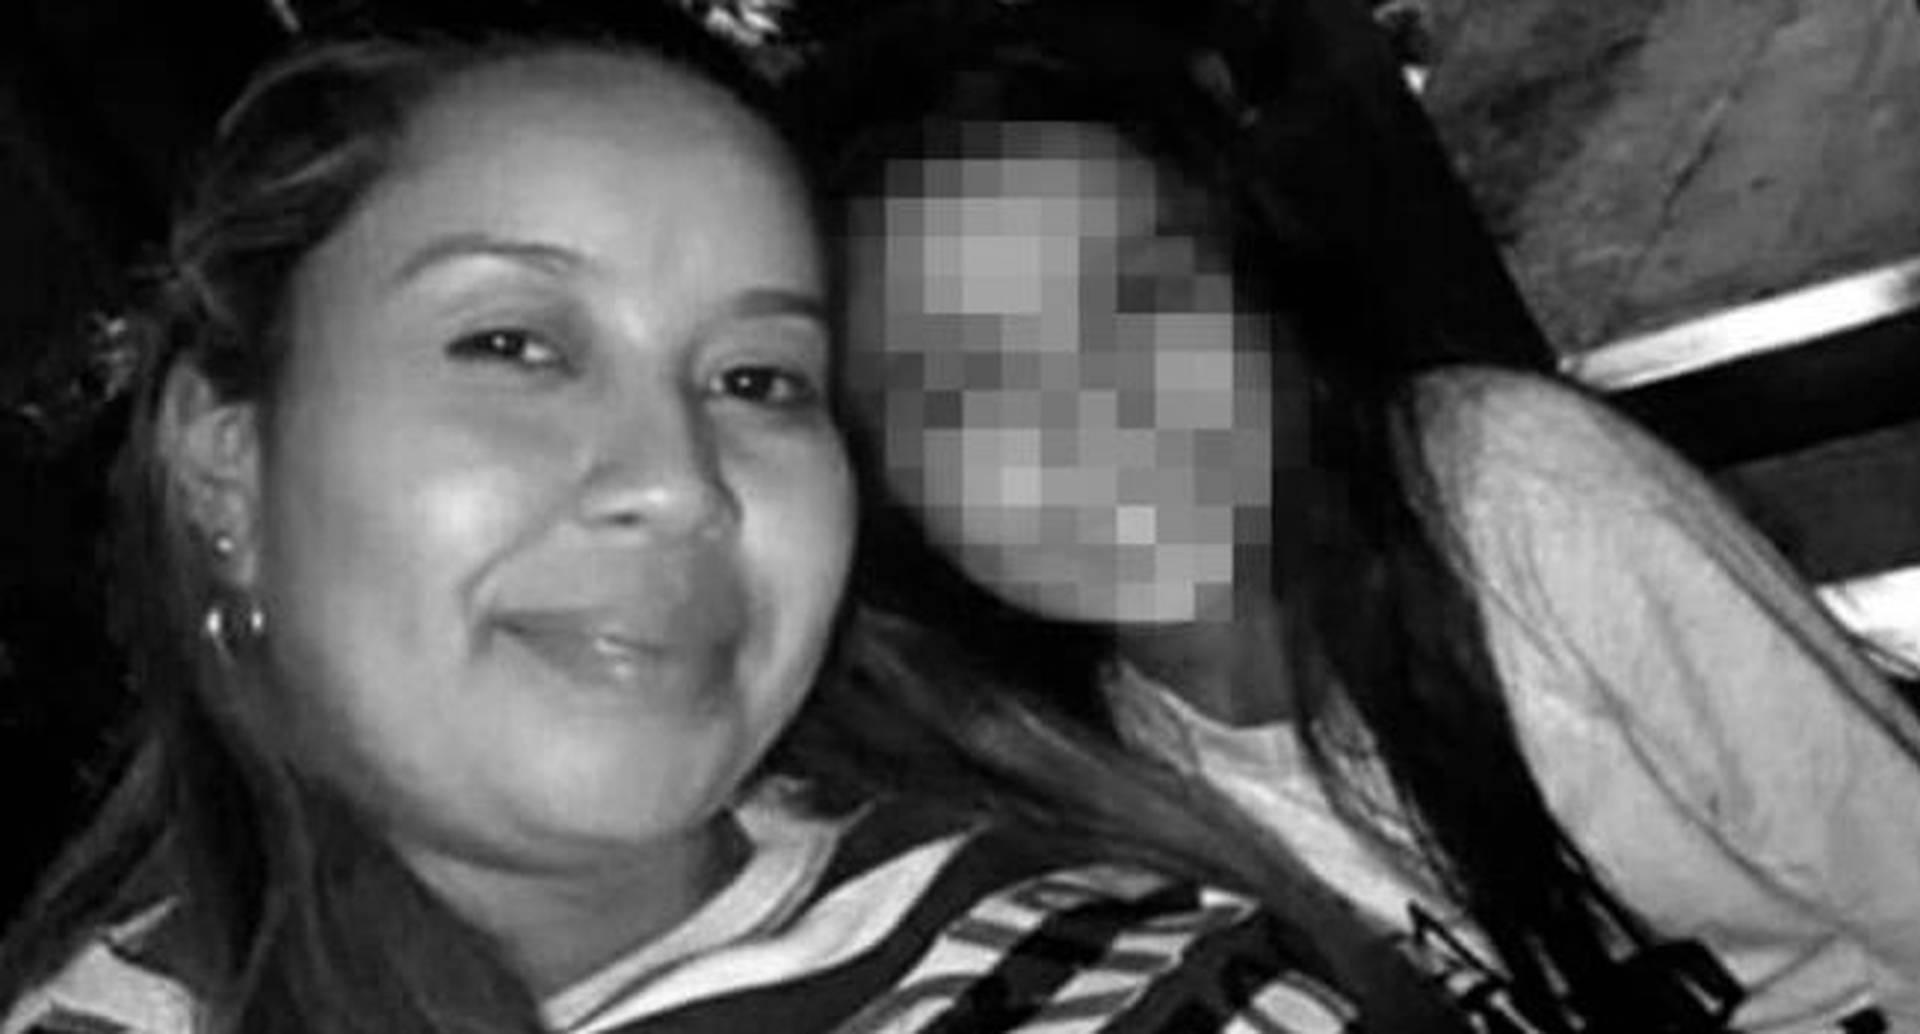 La niña Taniusca Romero y Mellisa Romero fueron asesinadas mientras manejaban bicicleta en la vía que conecta con Puerto Libertador, en el sur de departamento de Córdoba.